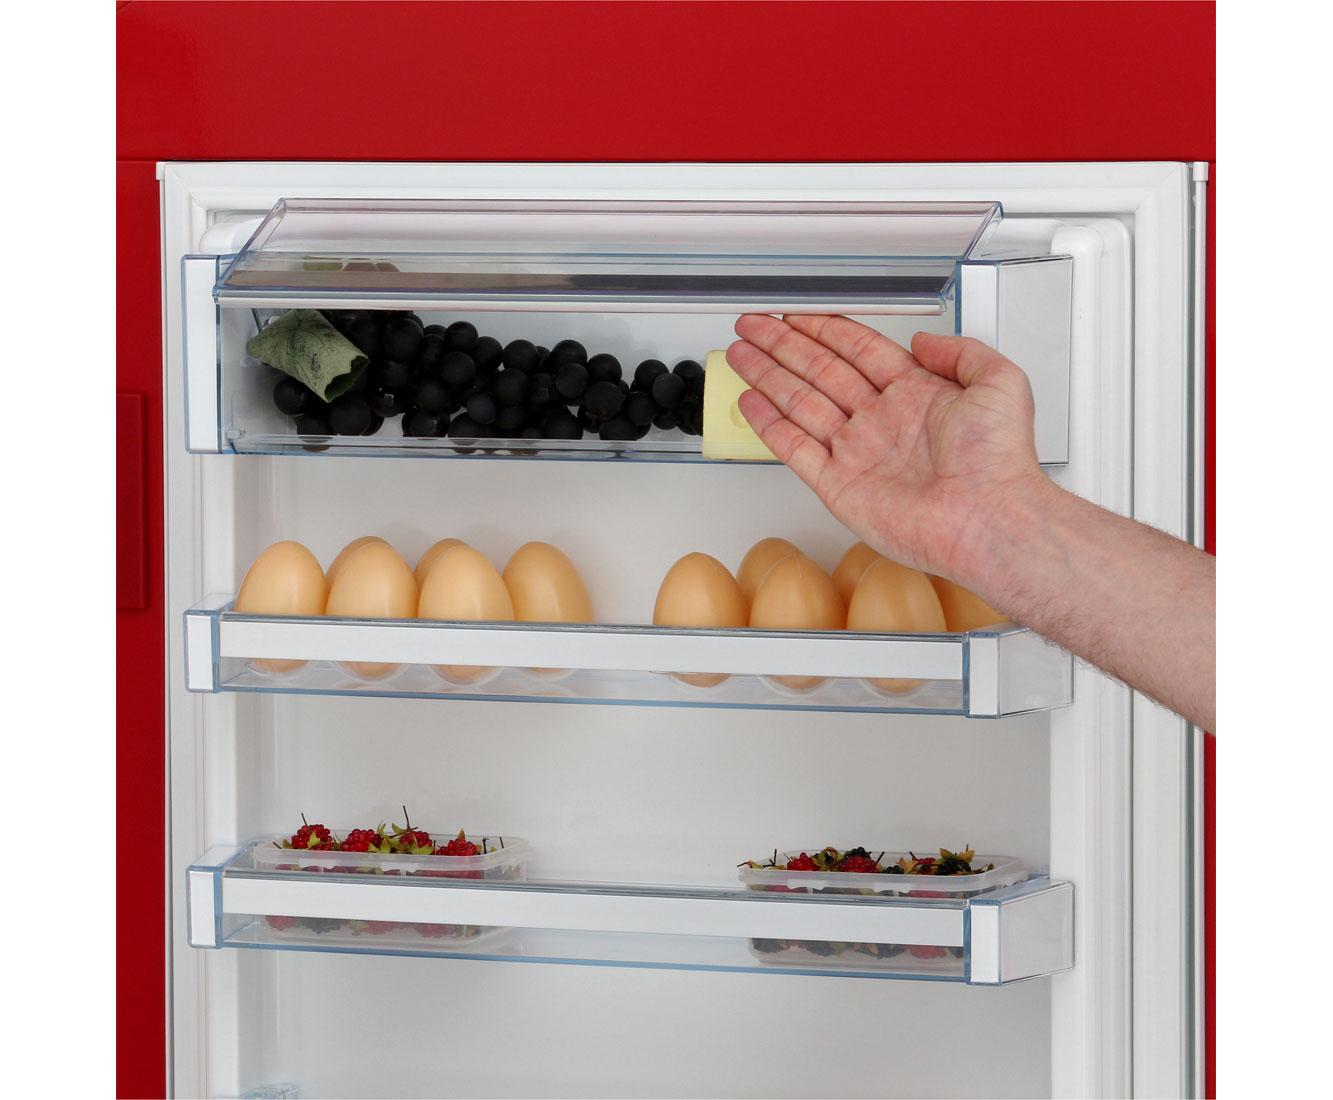 Bosch Kühlschrank 50 Jahre : Bosch serie ksl ar kühlschrank mit gefrierfach rot retro